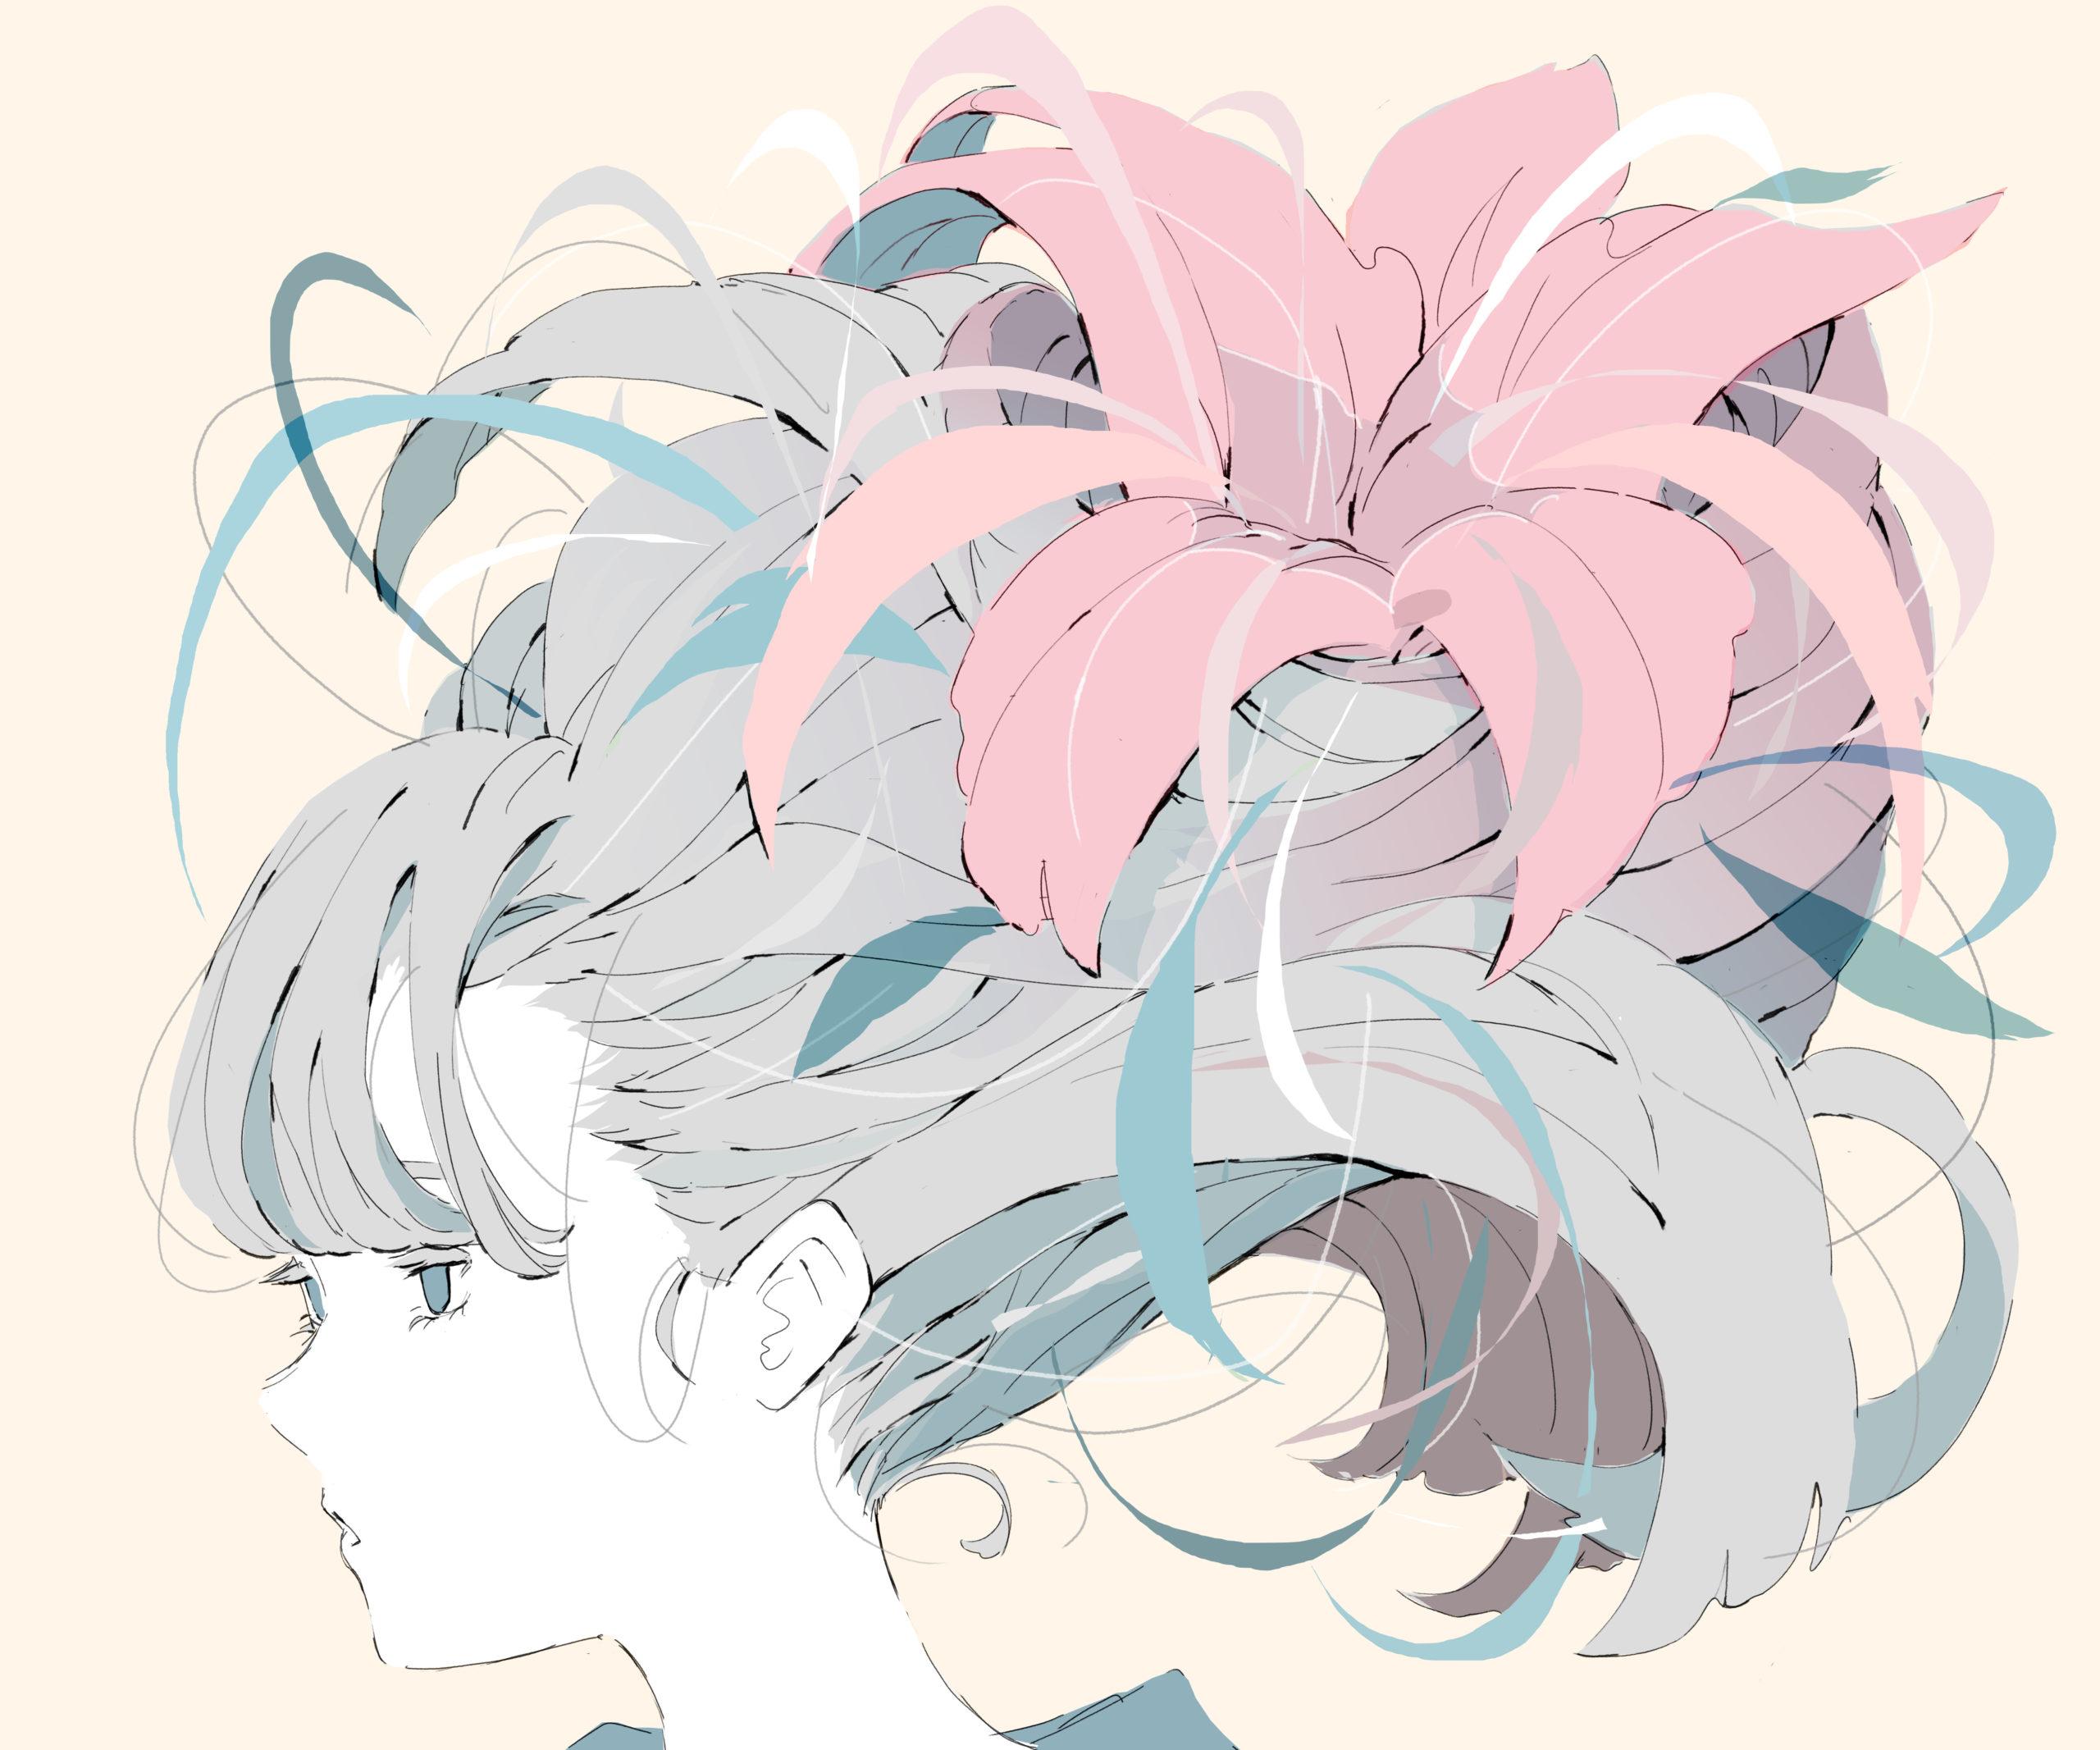 髪が花と同化している女の子のイラスト